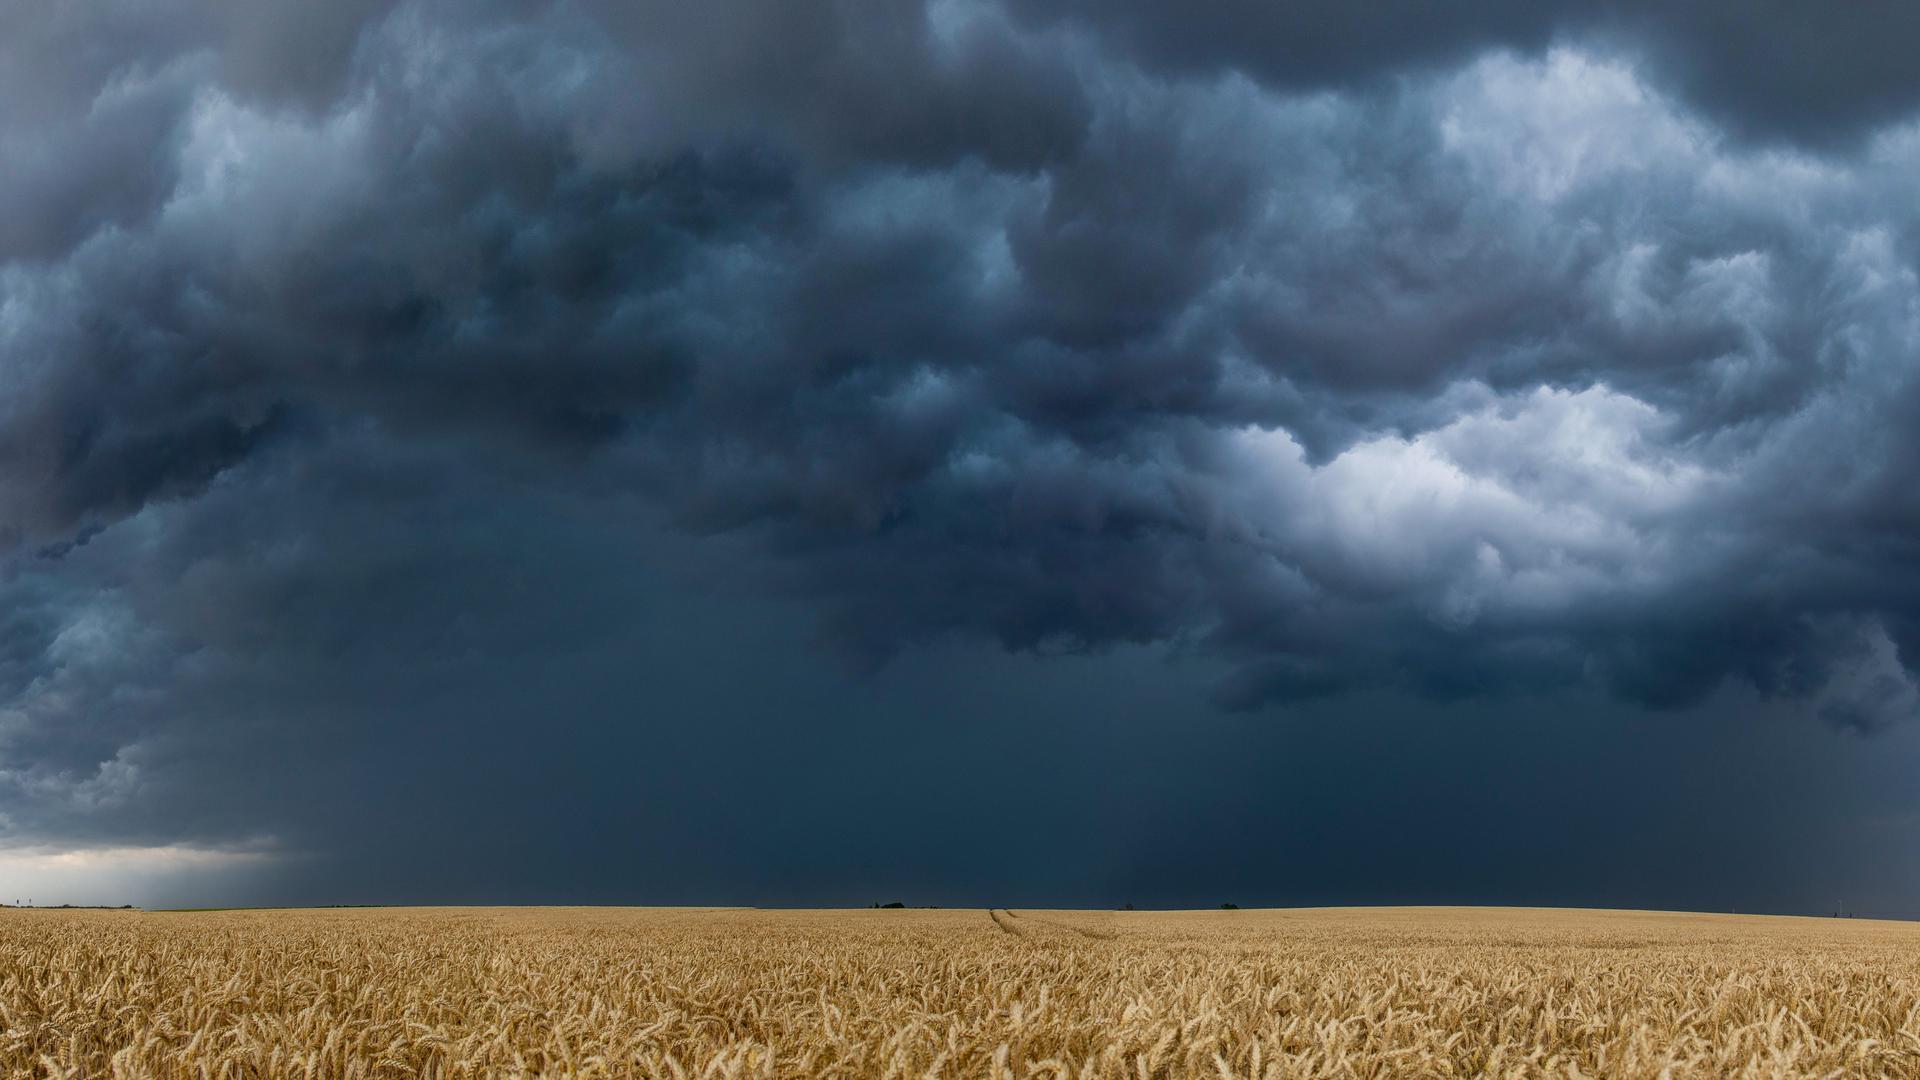 Dichte Gewitterwolken ziehen über ein Weizenfeld. +++ dpa-Bildfunk +++